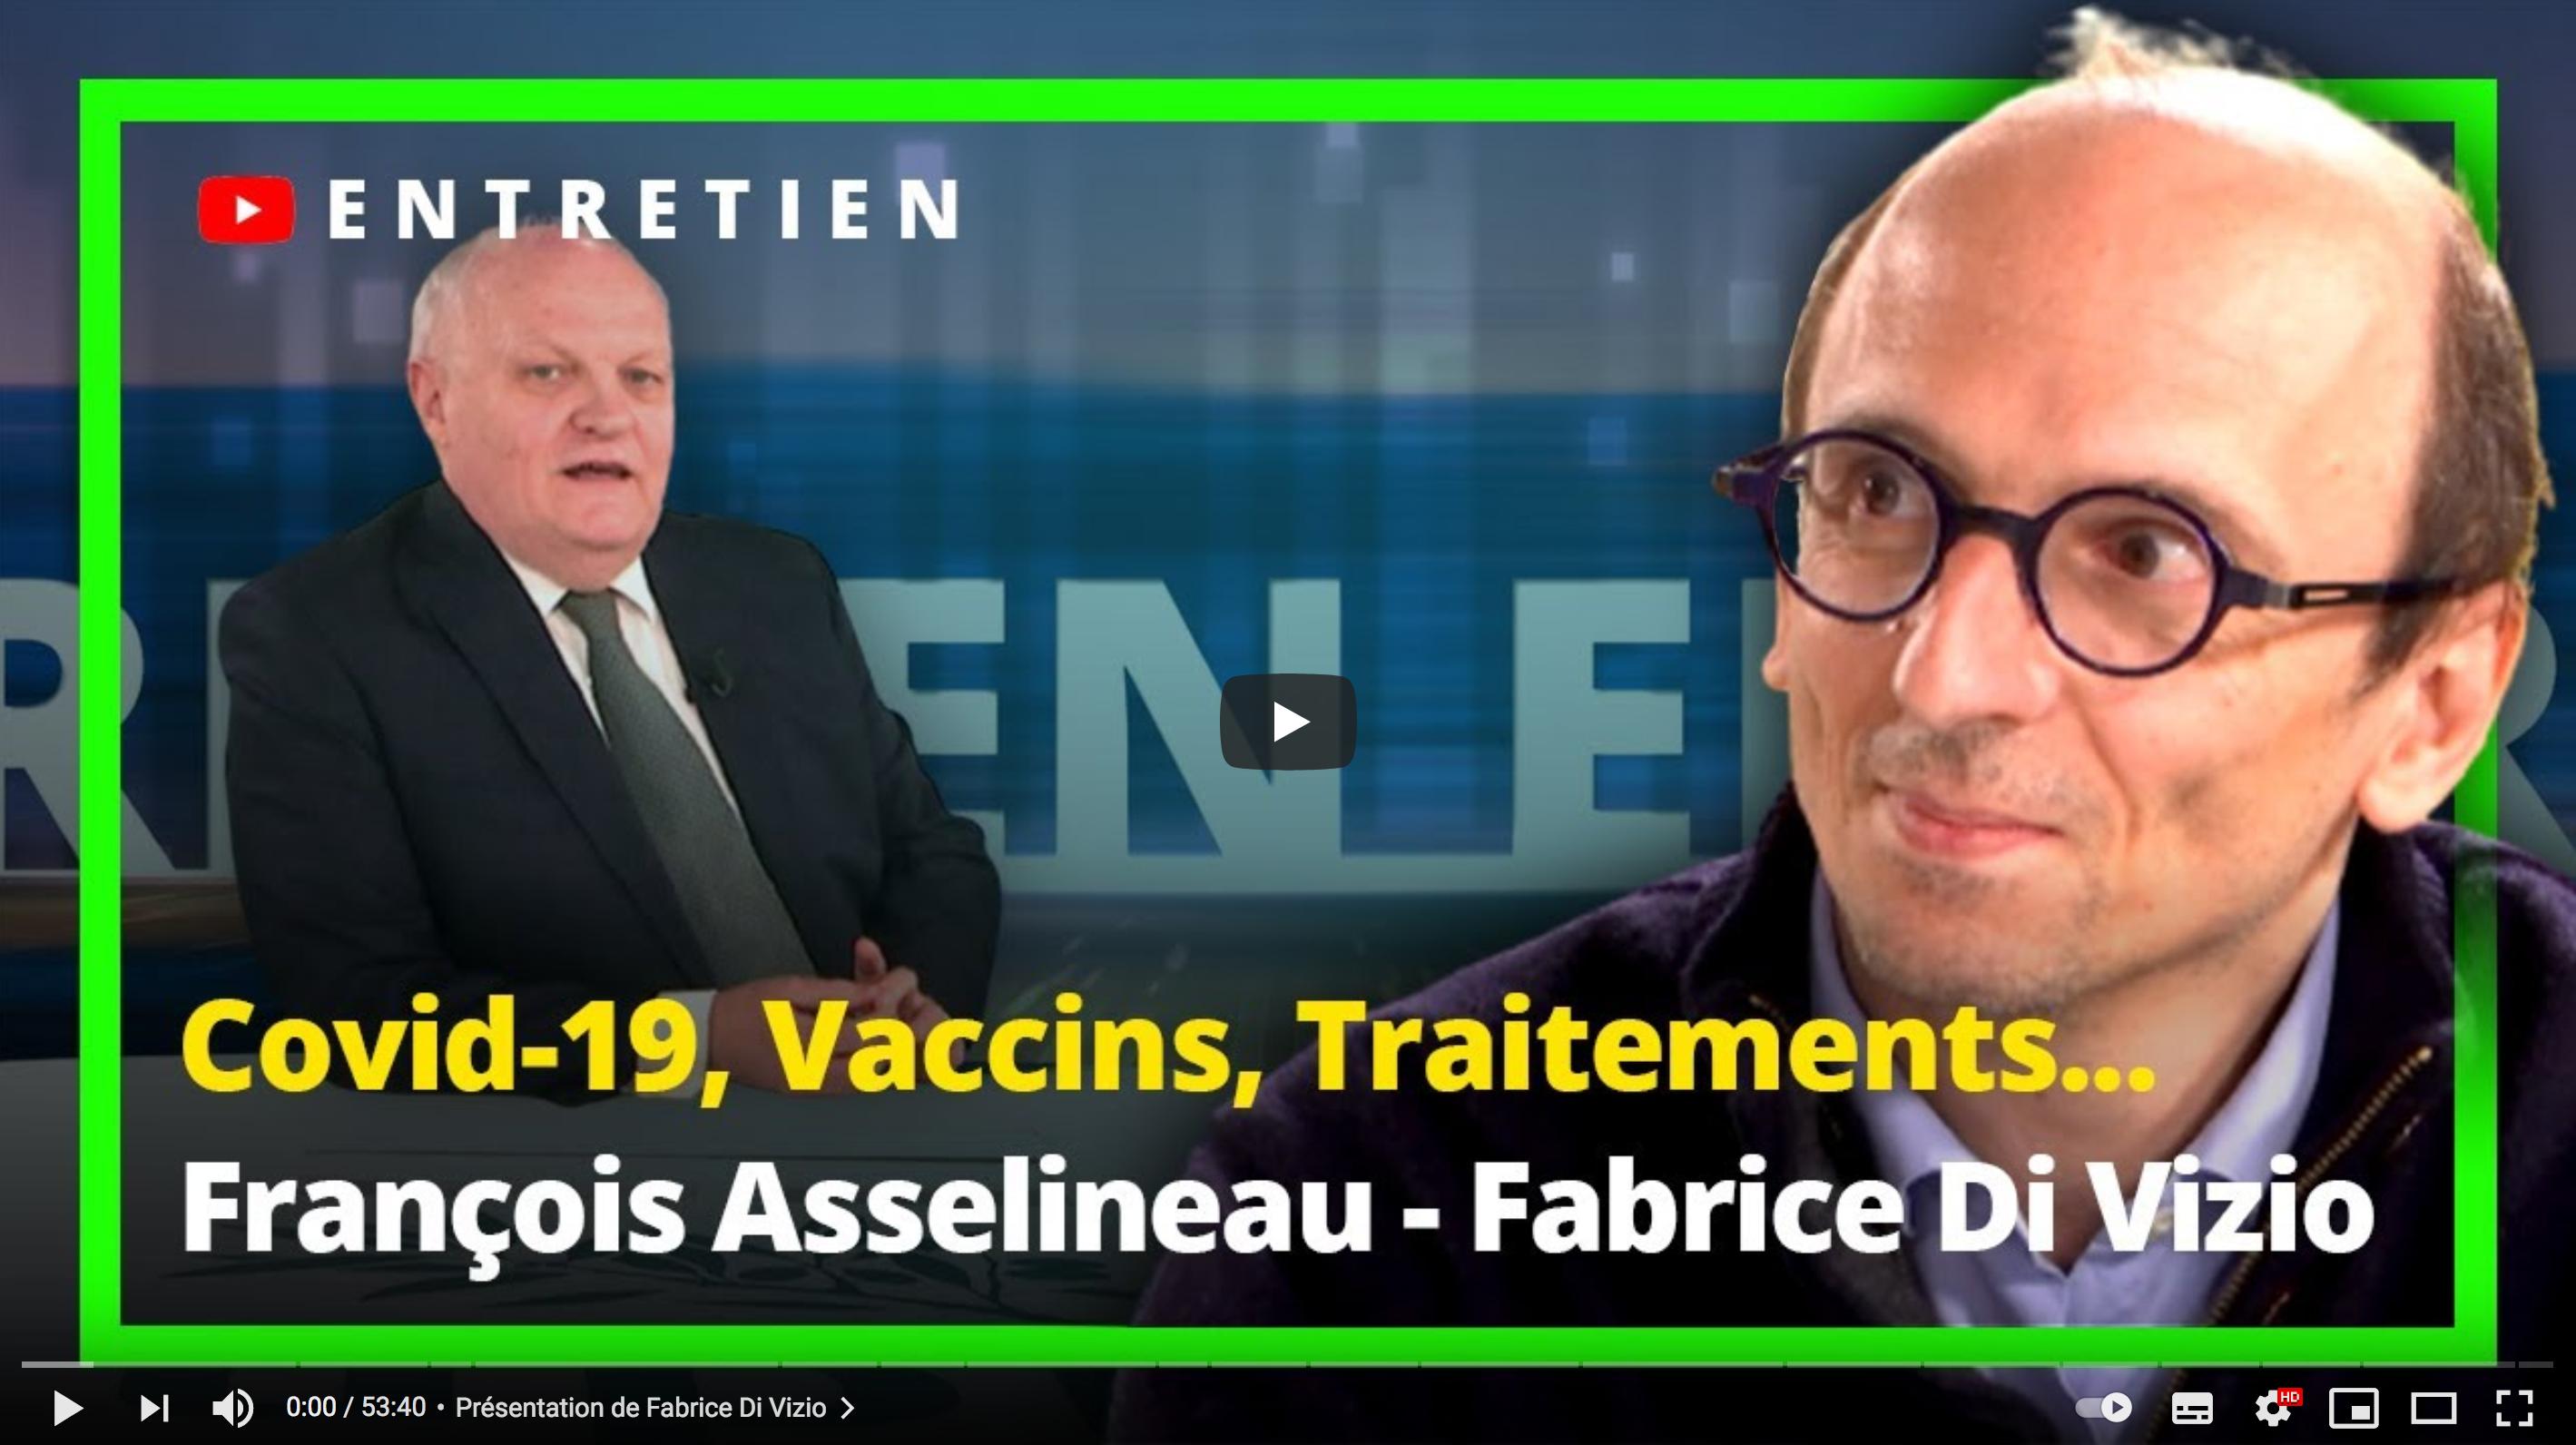 François Asselineau rencontre Fabrice Di Vizio (ENTRETIEN)